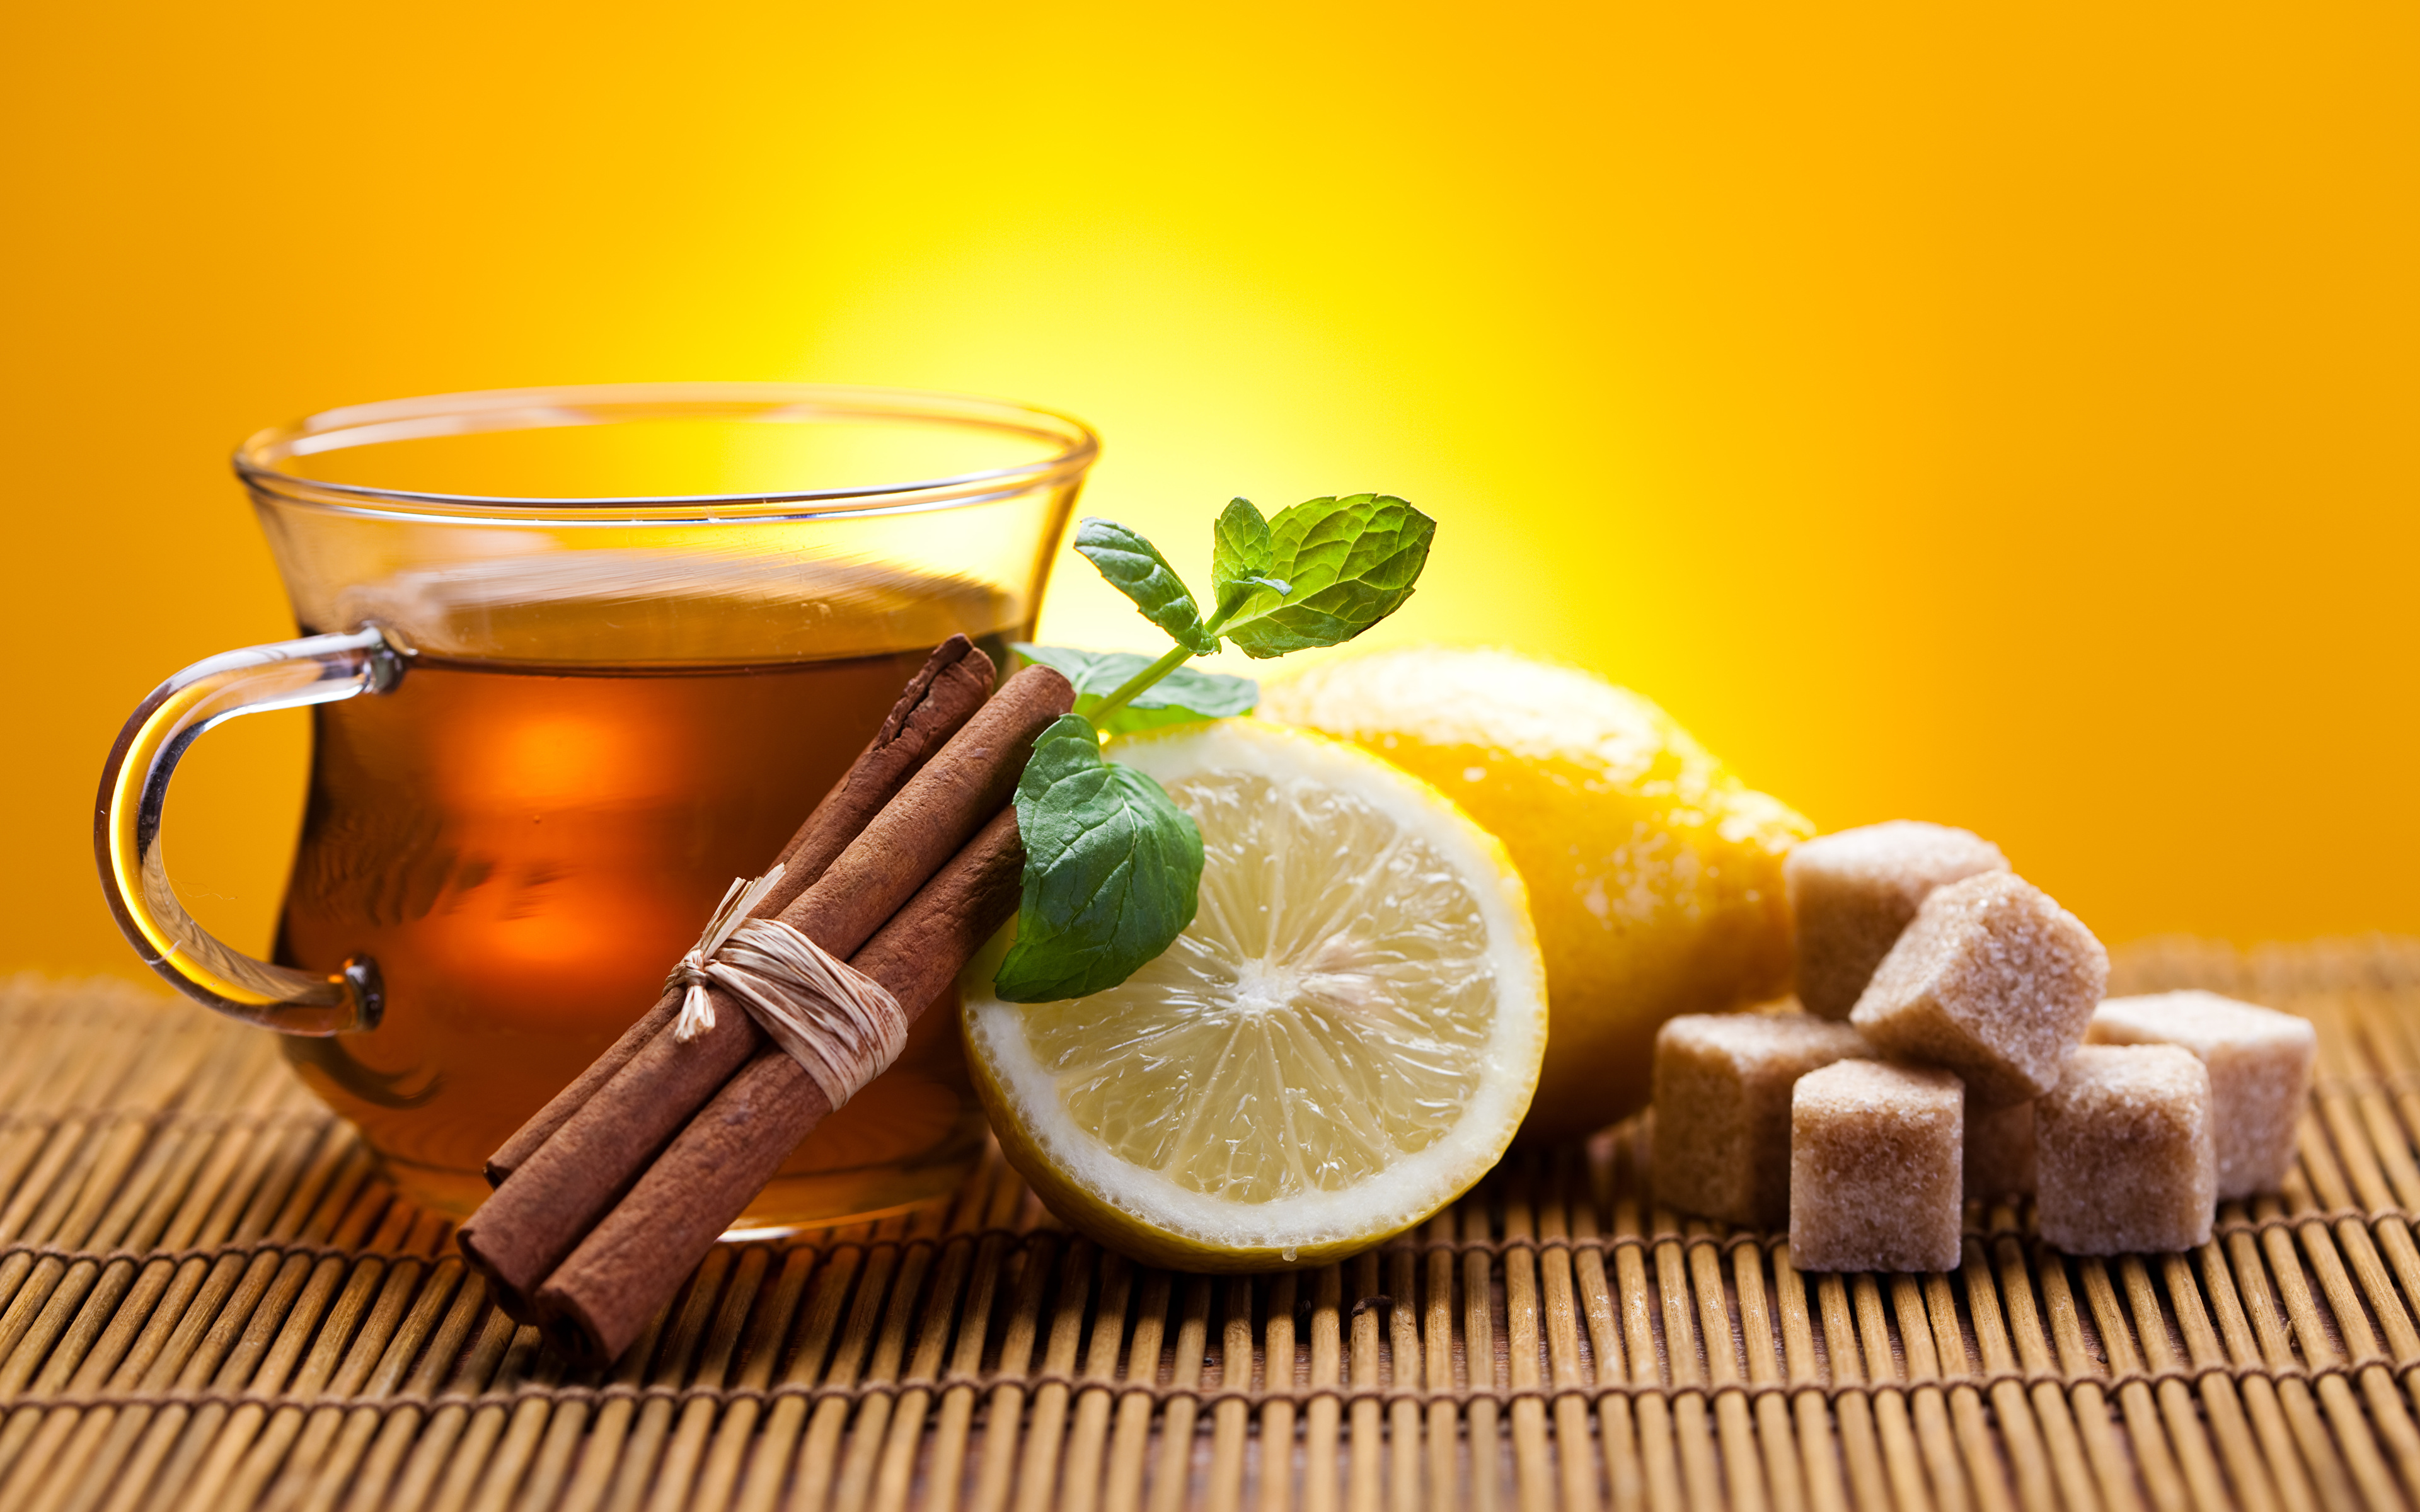 пирожные лимоны чай  № 3678303 бесплатно